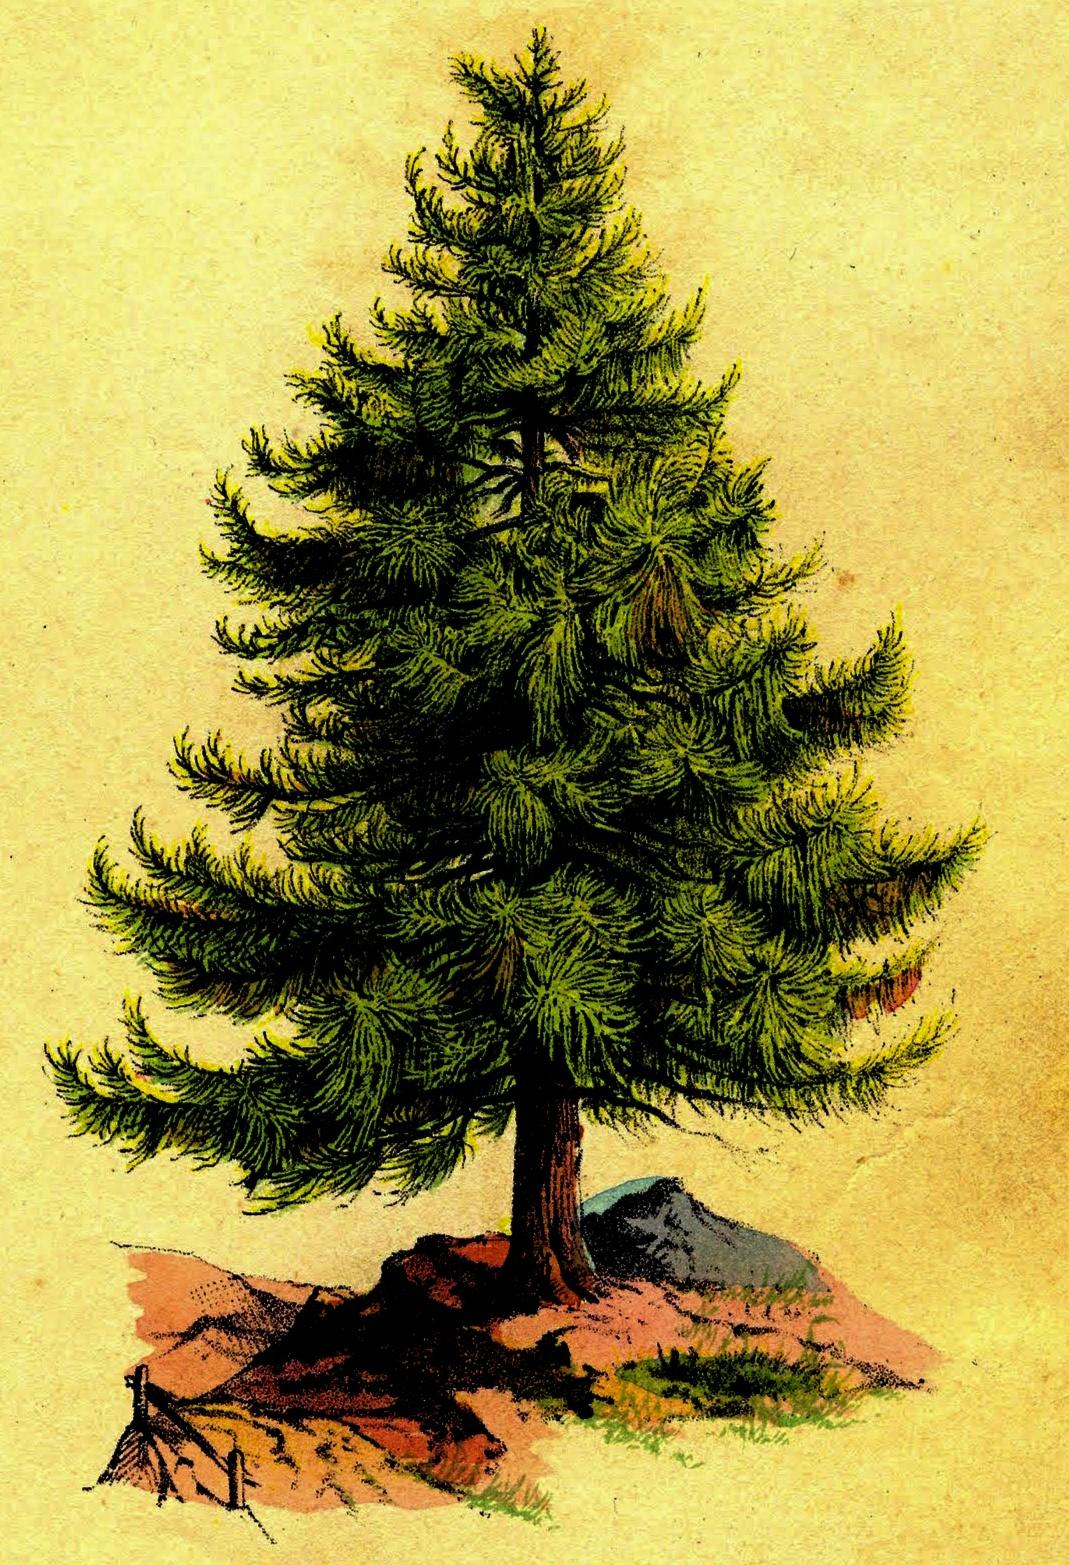 Gambar Pohon Cemara Yang Indah